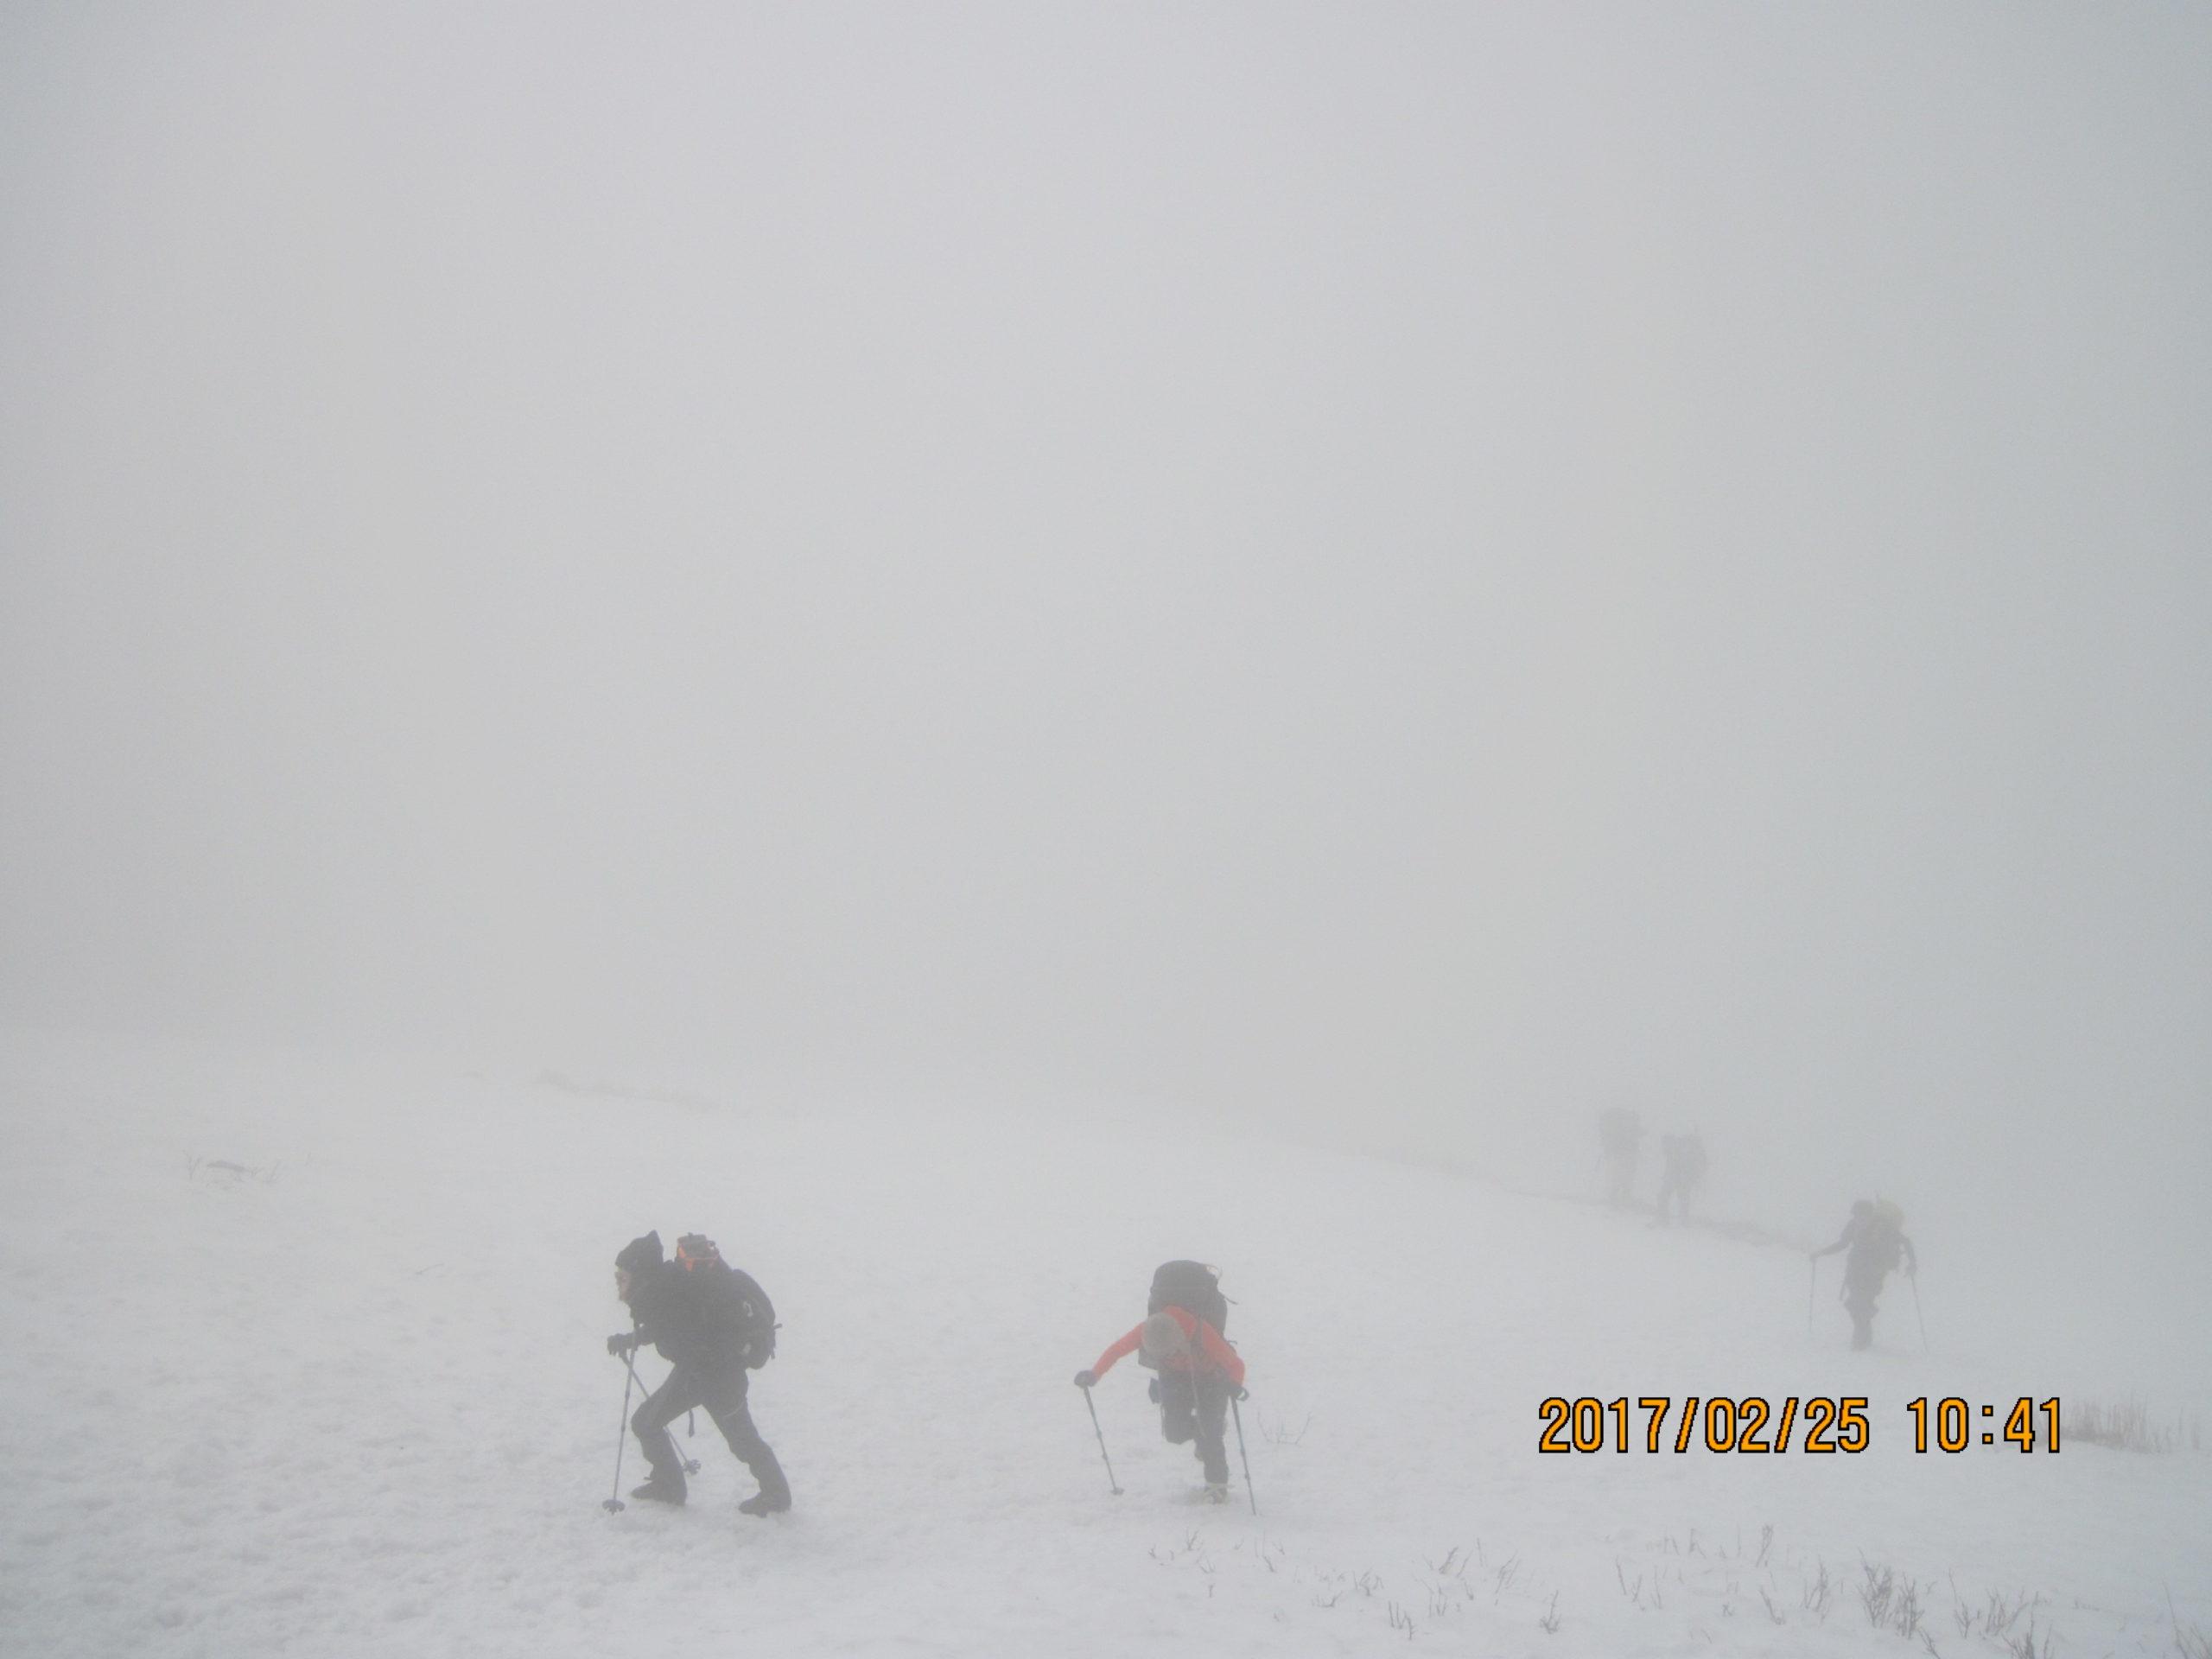 伊吹山で冬登山|重アイゼンで急登を登る